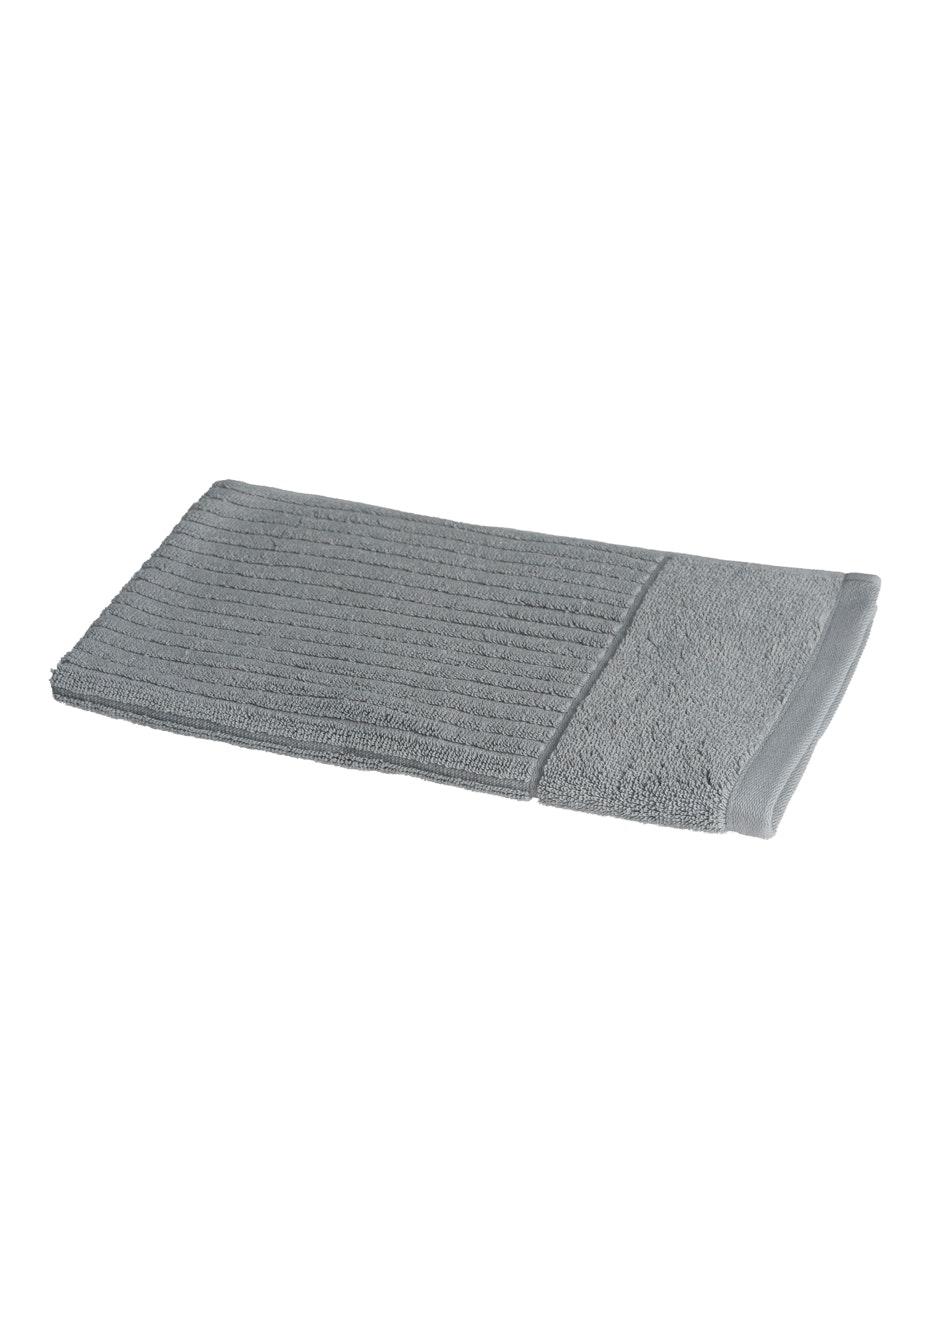 Conran Signature Rib Hand Towel Concrete